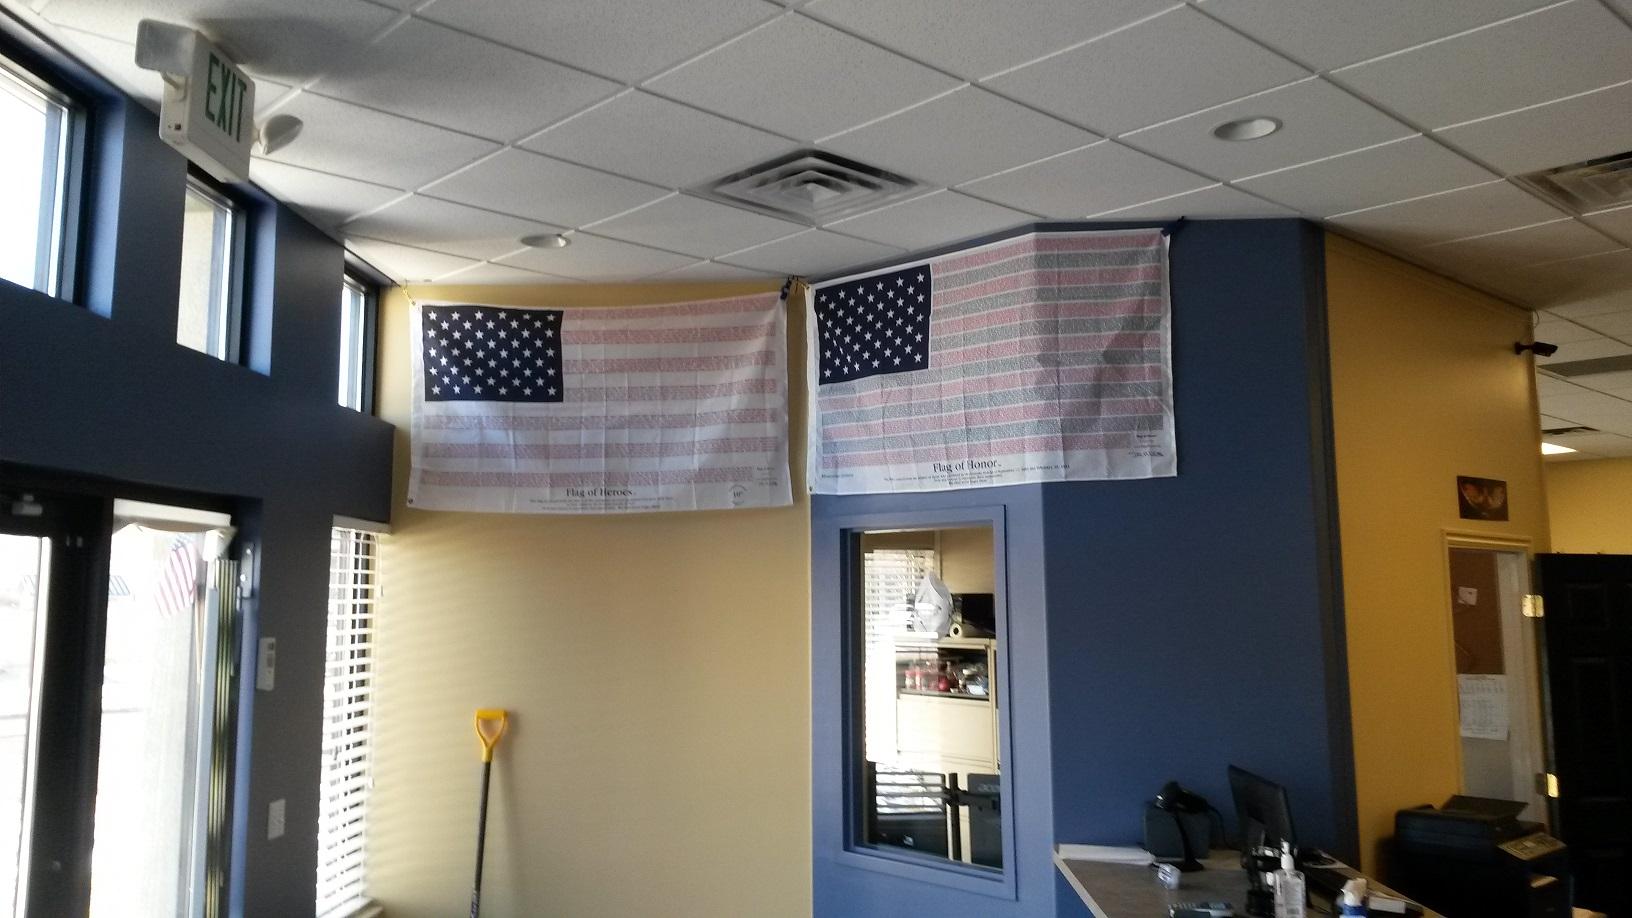 911 Flags of Heros